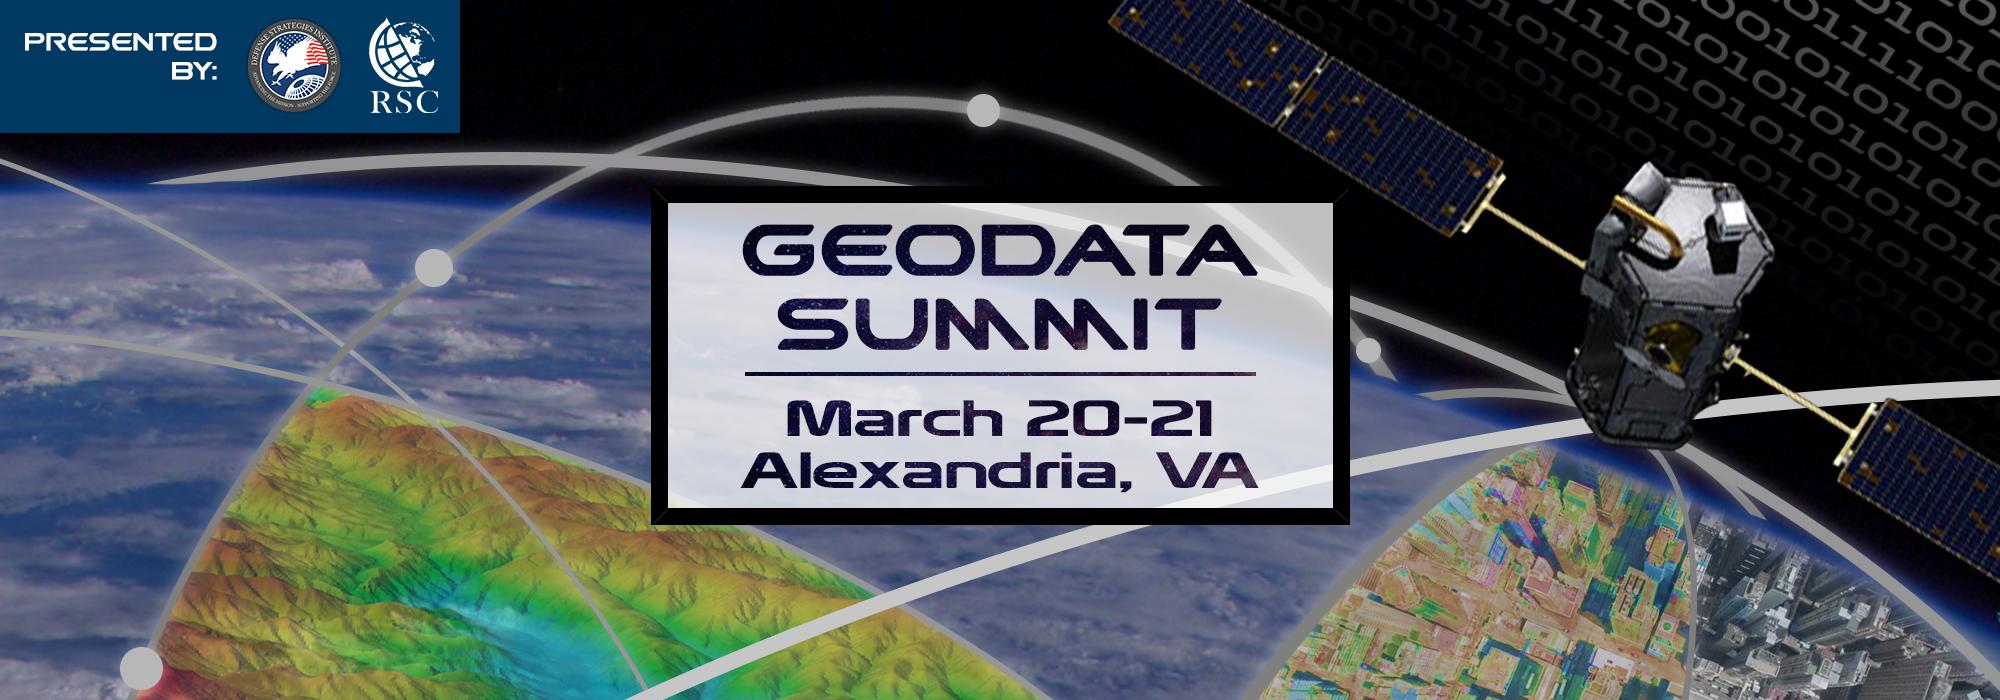 GeoData Banner 3